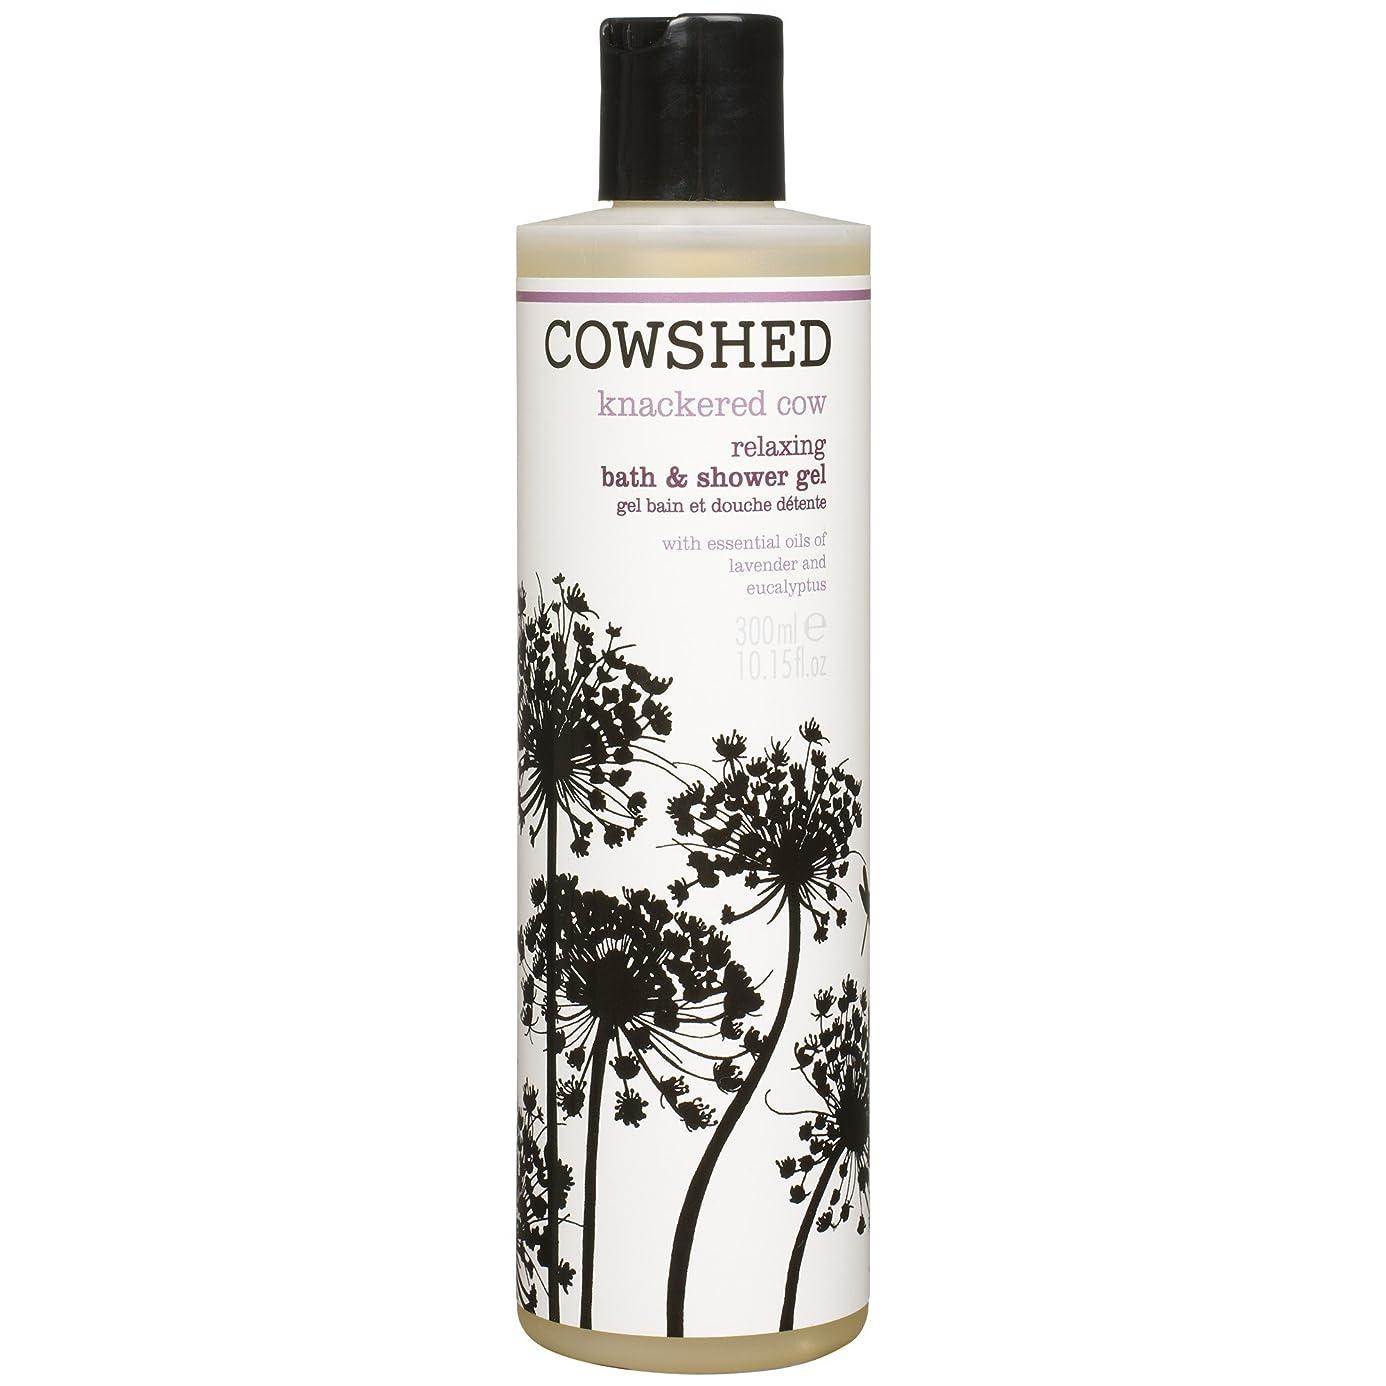 アシスト潜むスーツケース牛舎は、バス&シャワージェル300ミリリットルを緩和牛をくたくたに疲れました (Cowshed) - Cowshed Knackered Cow Relaxing Bath & Shower Gel 300ml [並行輸入品]